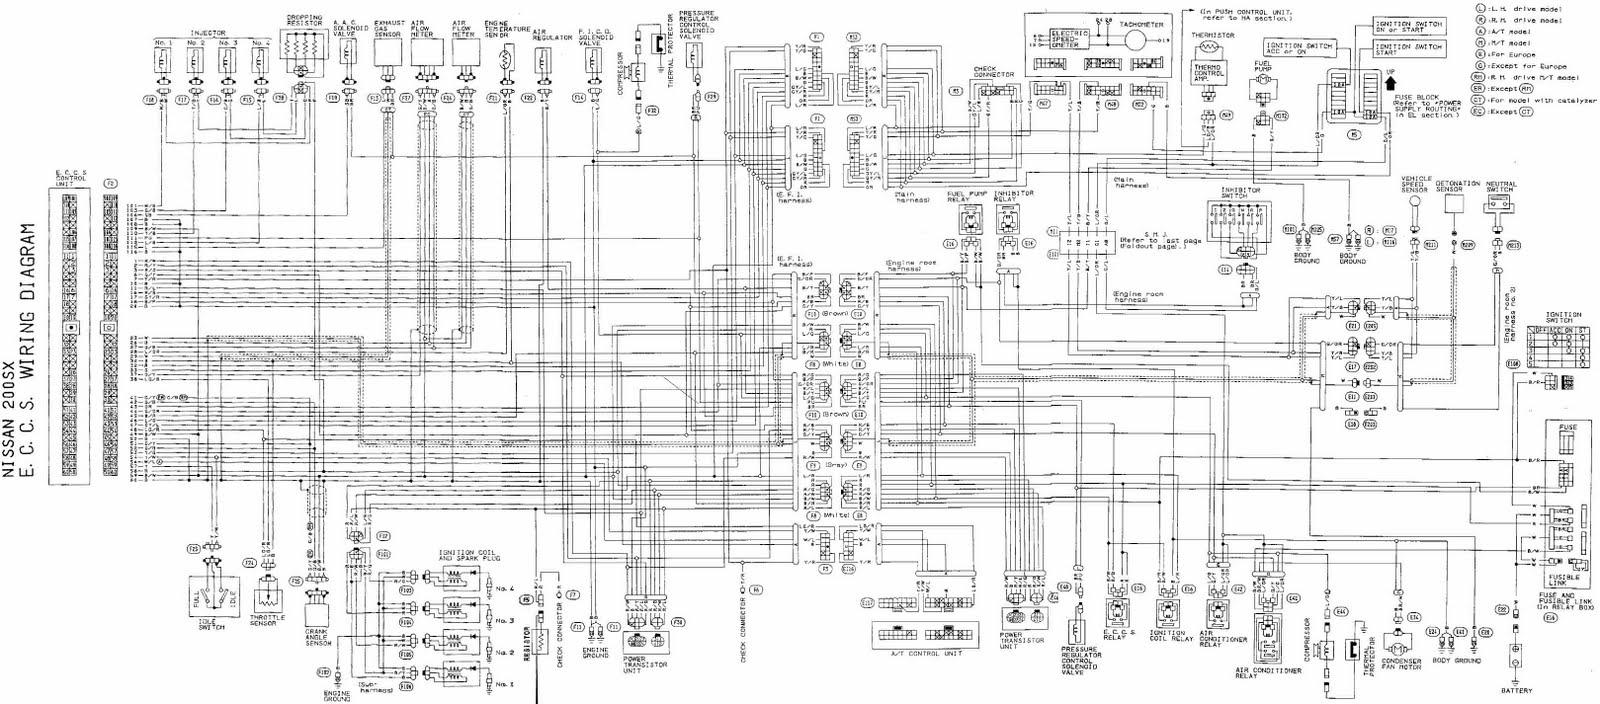 1996 nissan 200sx radio wiring